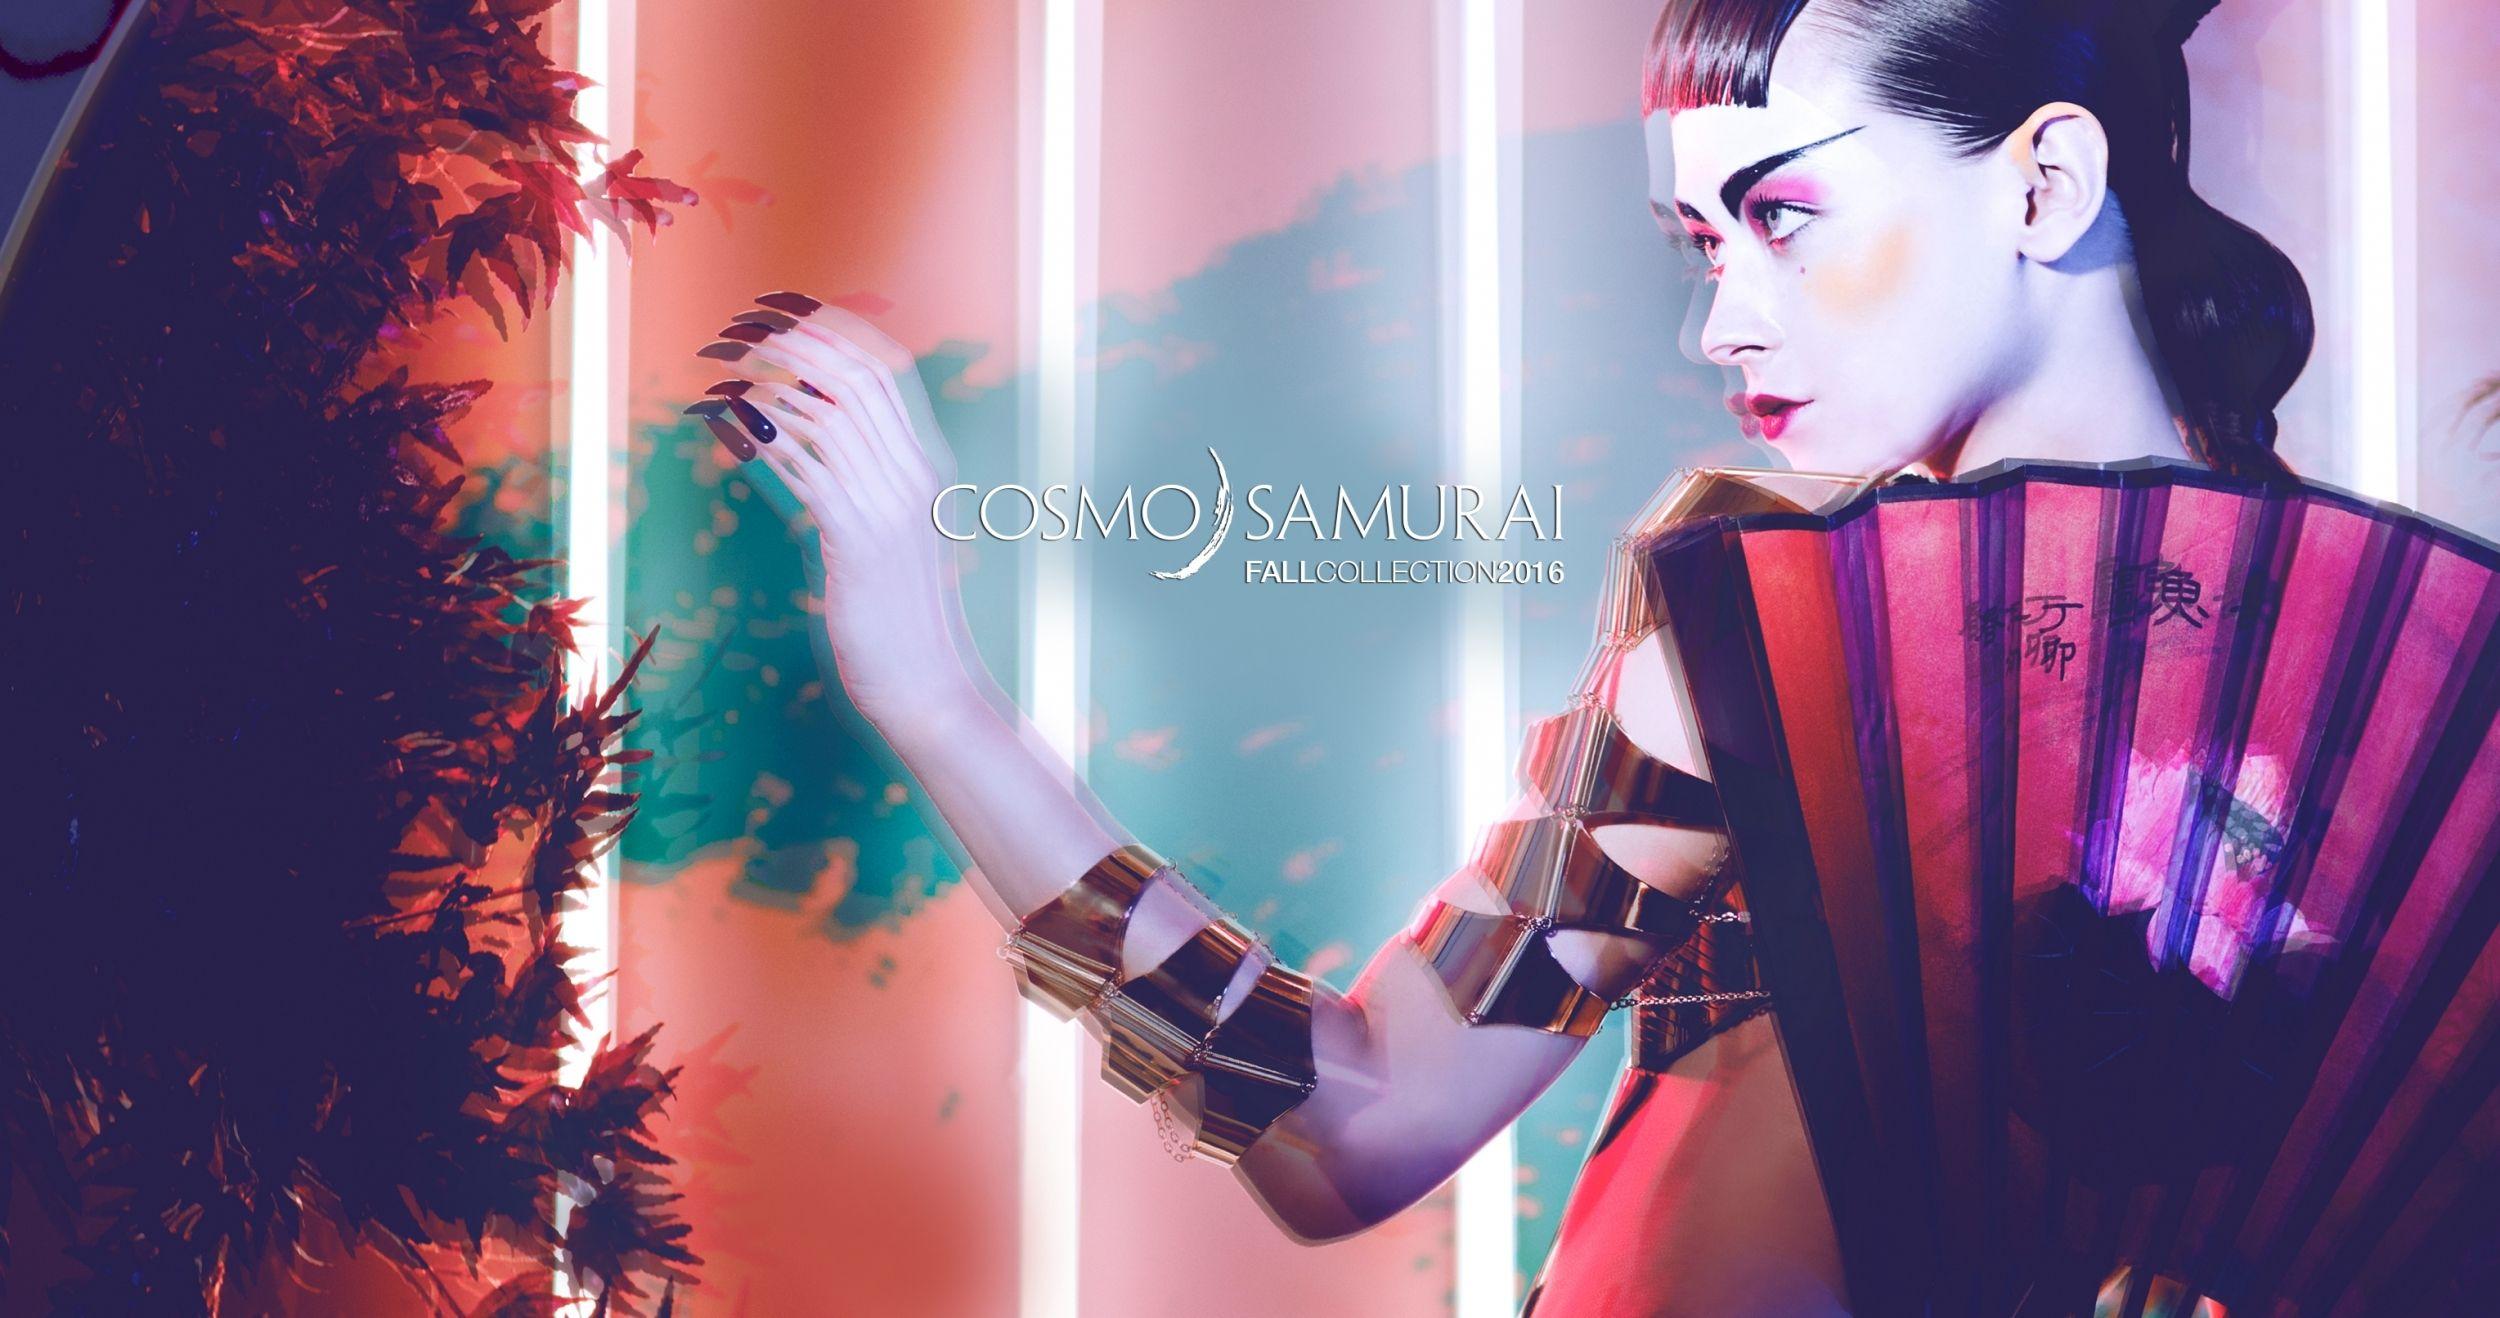 COSMO SAMURAI fall collection